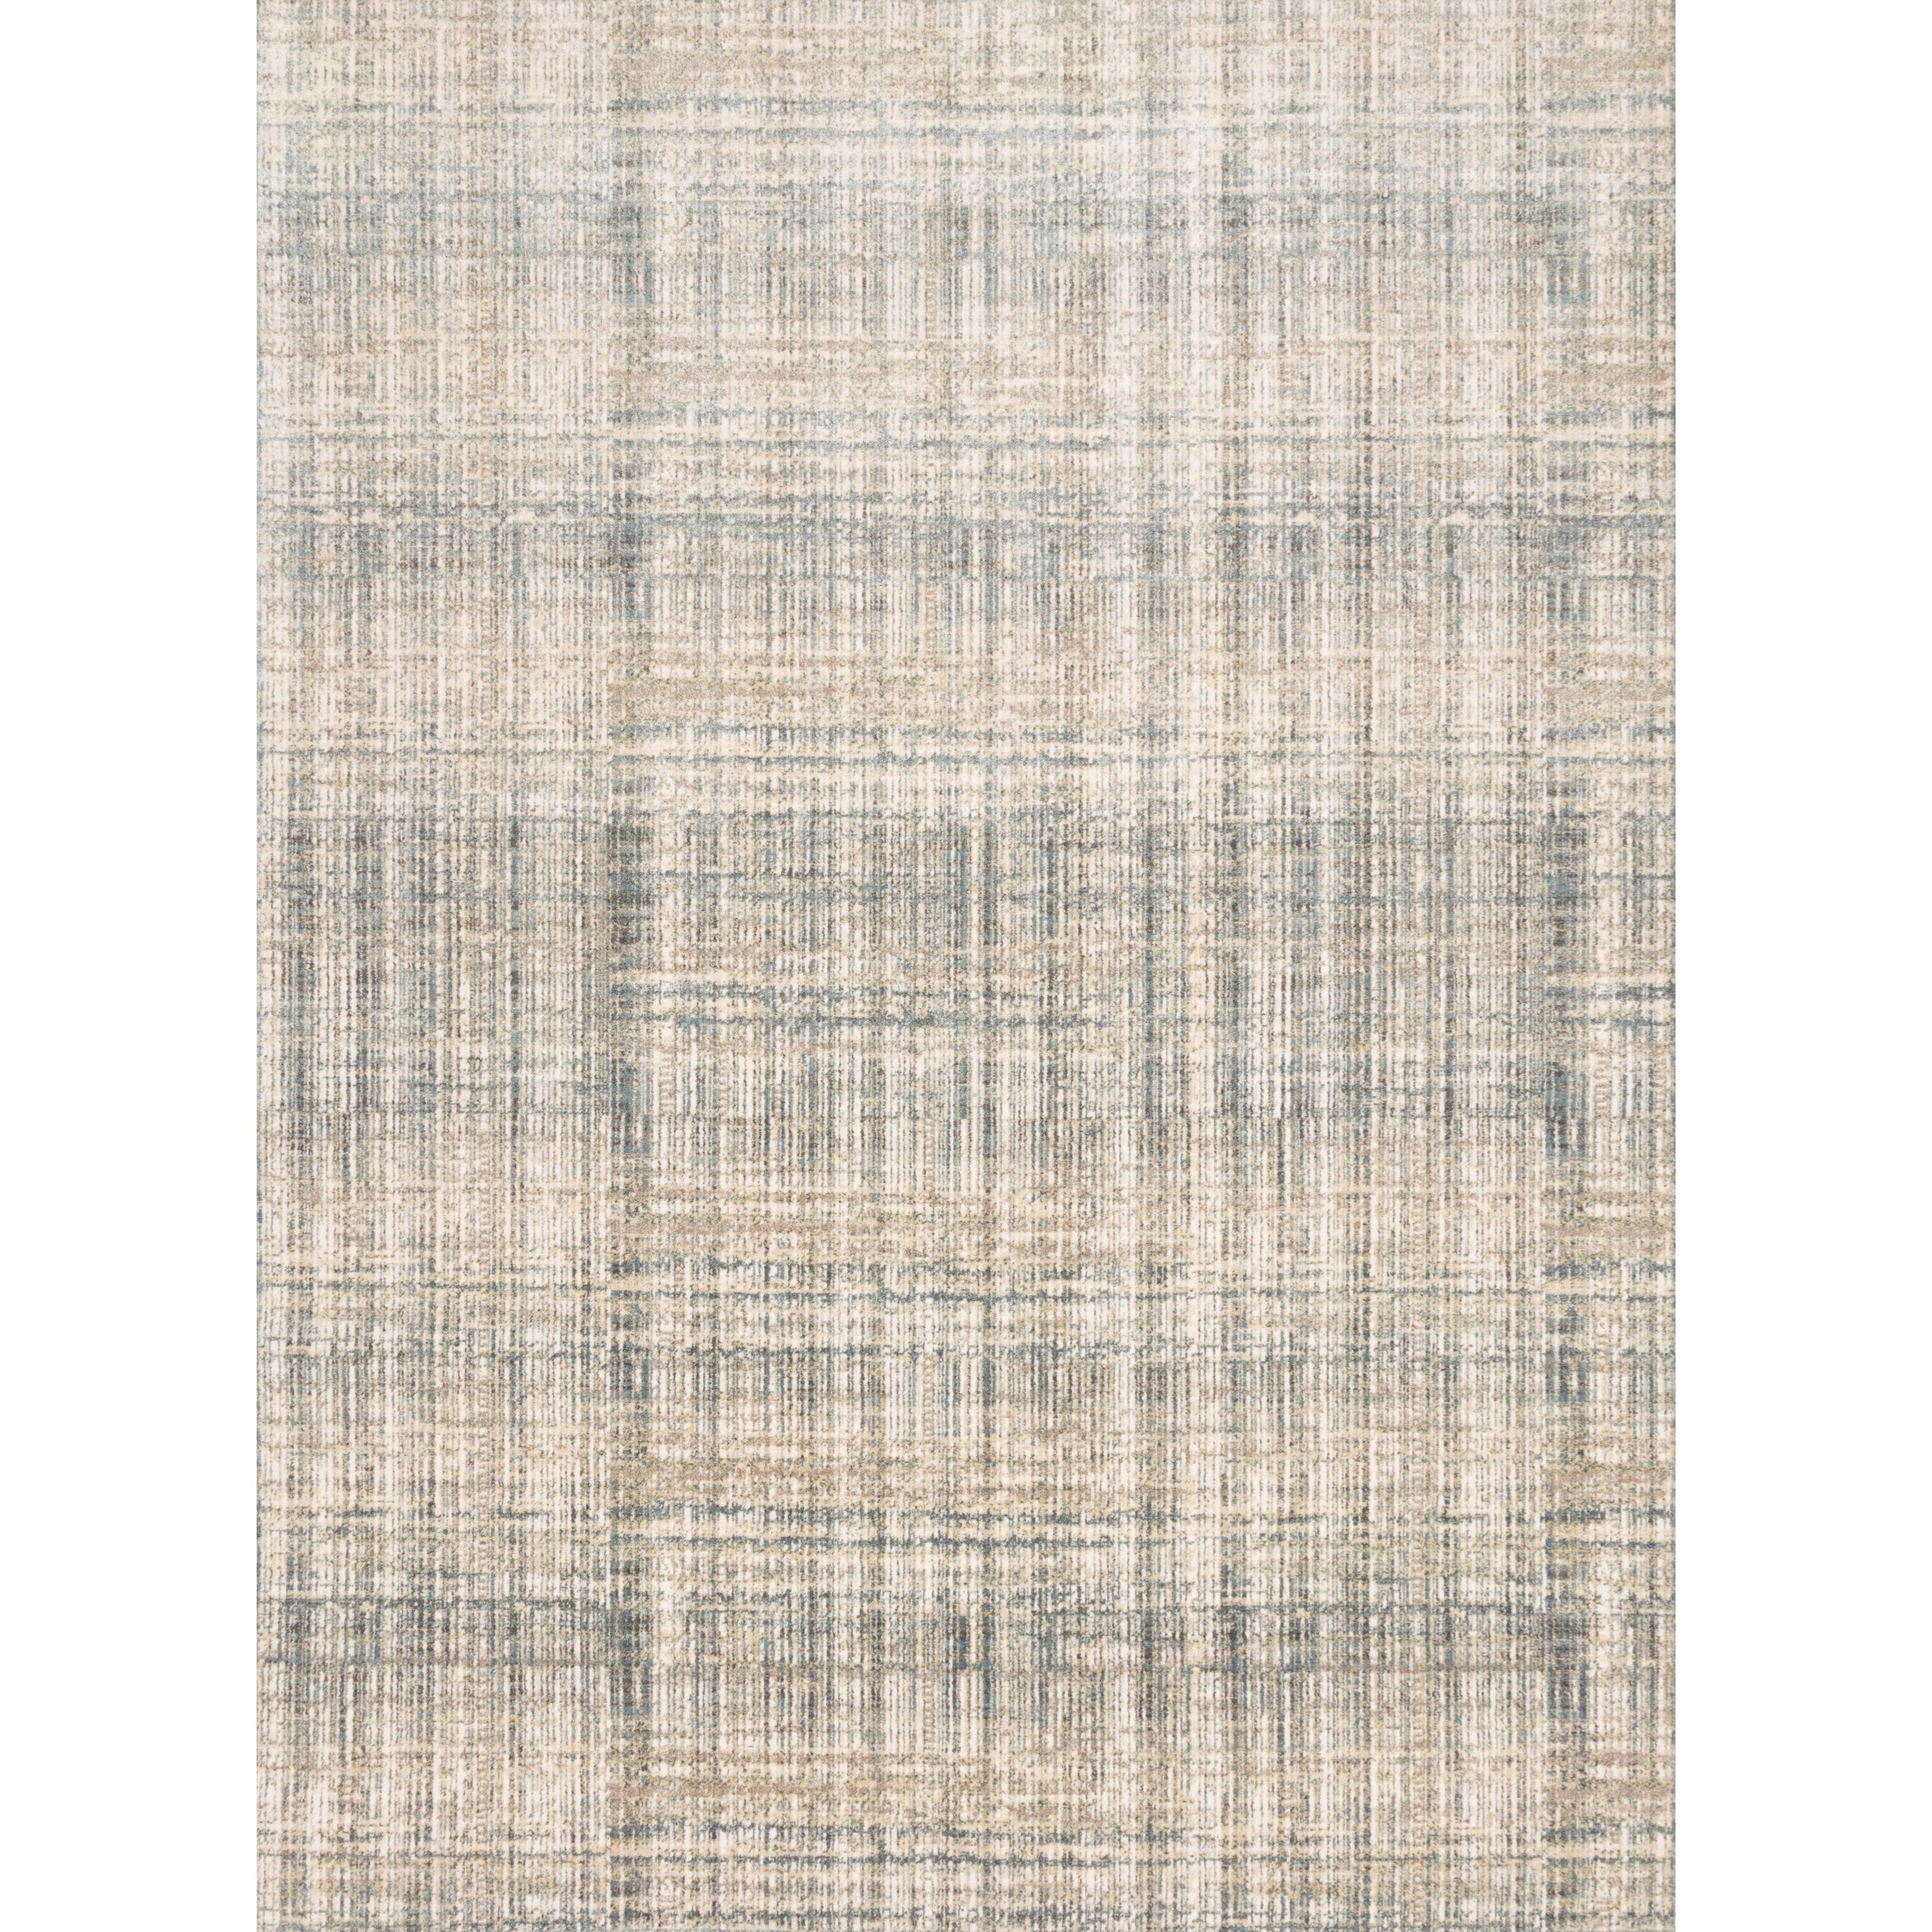 """Reid 3'7"""" x 5'7"""" Bluestone Rug by Loloi Rugs at Belfort Furniture"""